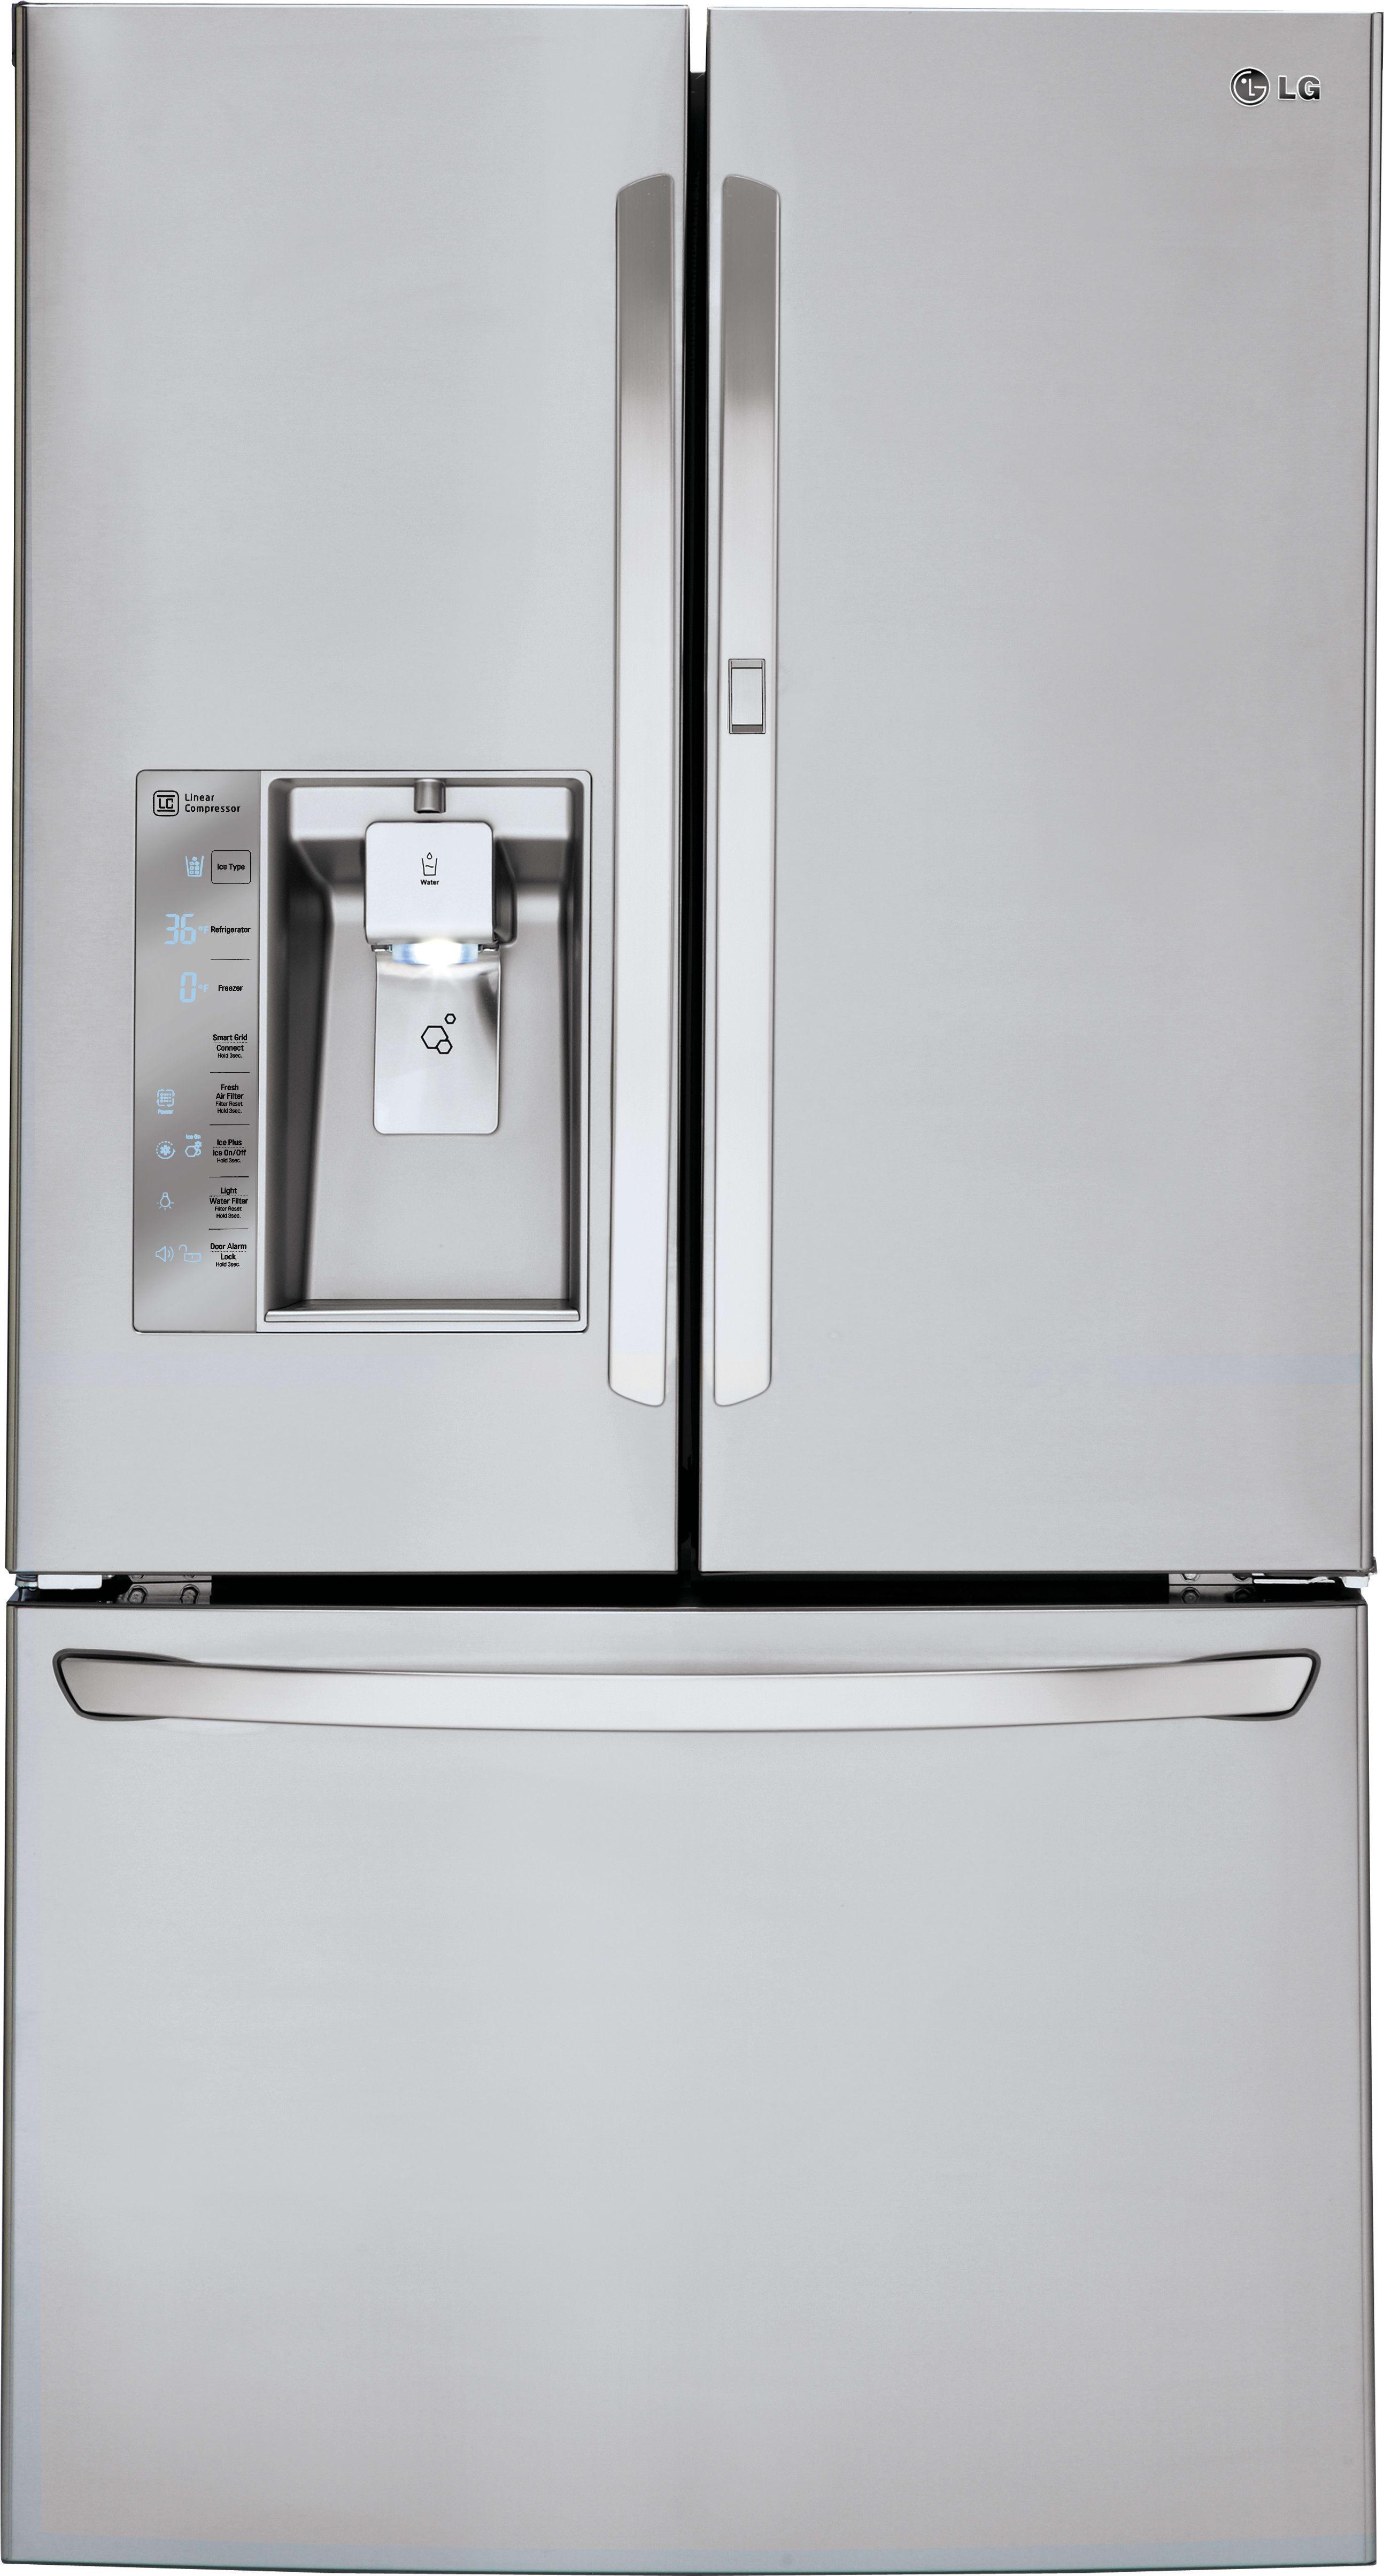 lg lfxs30766s 36 inch french door refrigerator with door in door slim spaceplus ice system. Black Bedroom Furniture Sets. Home Design Ideas